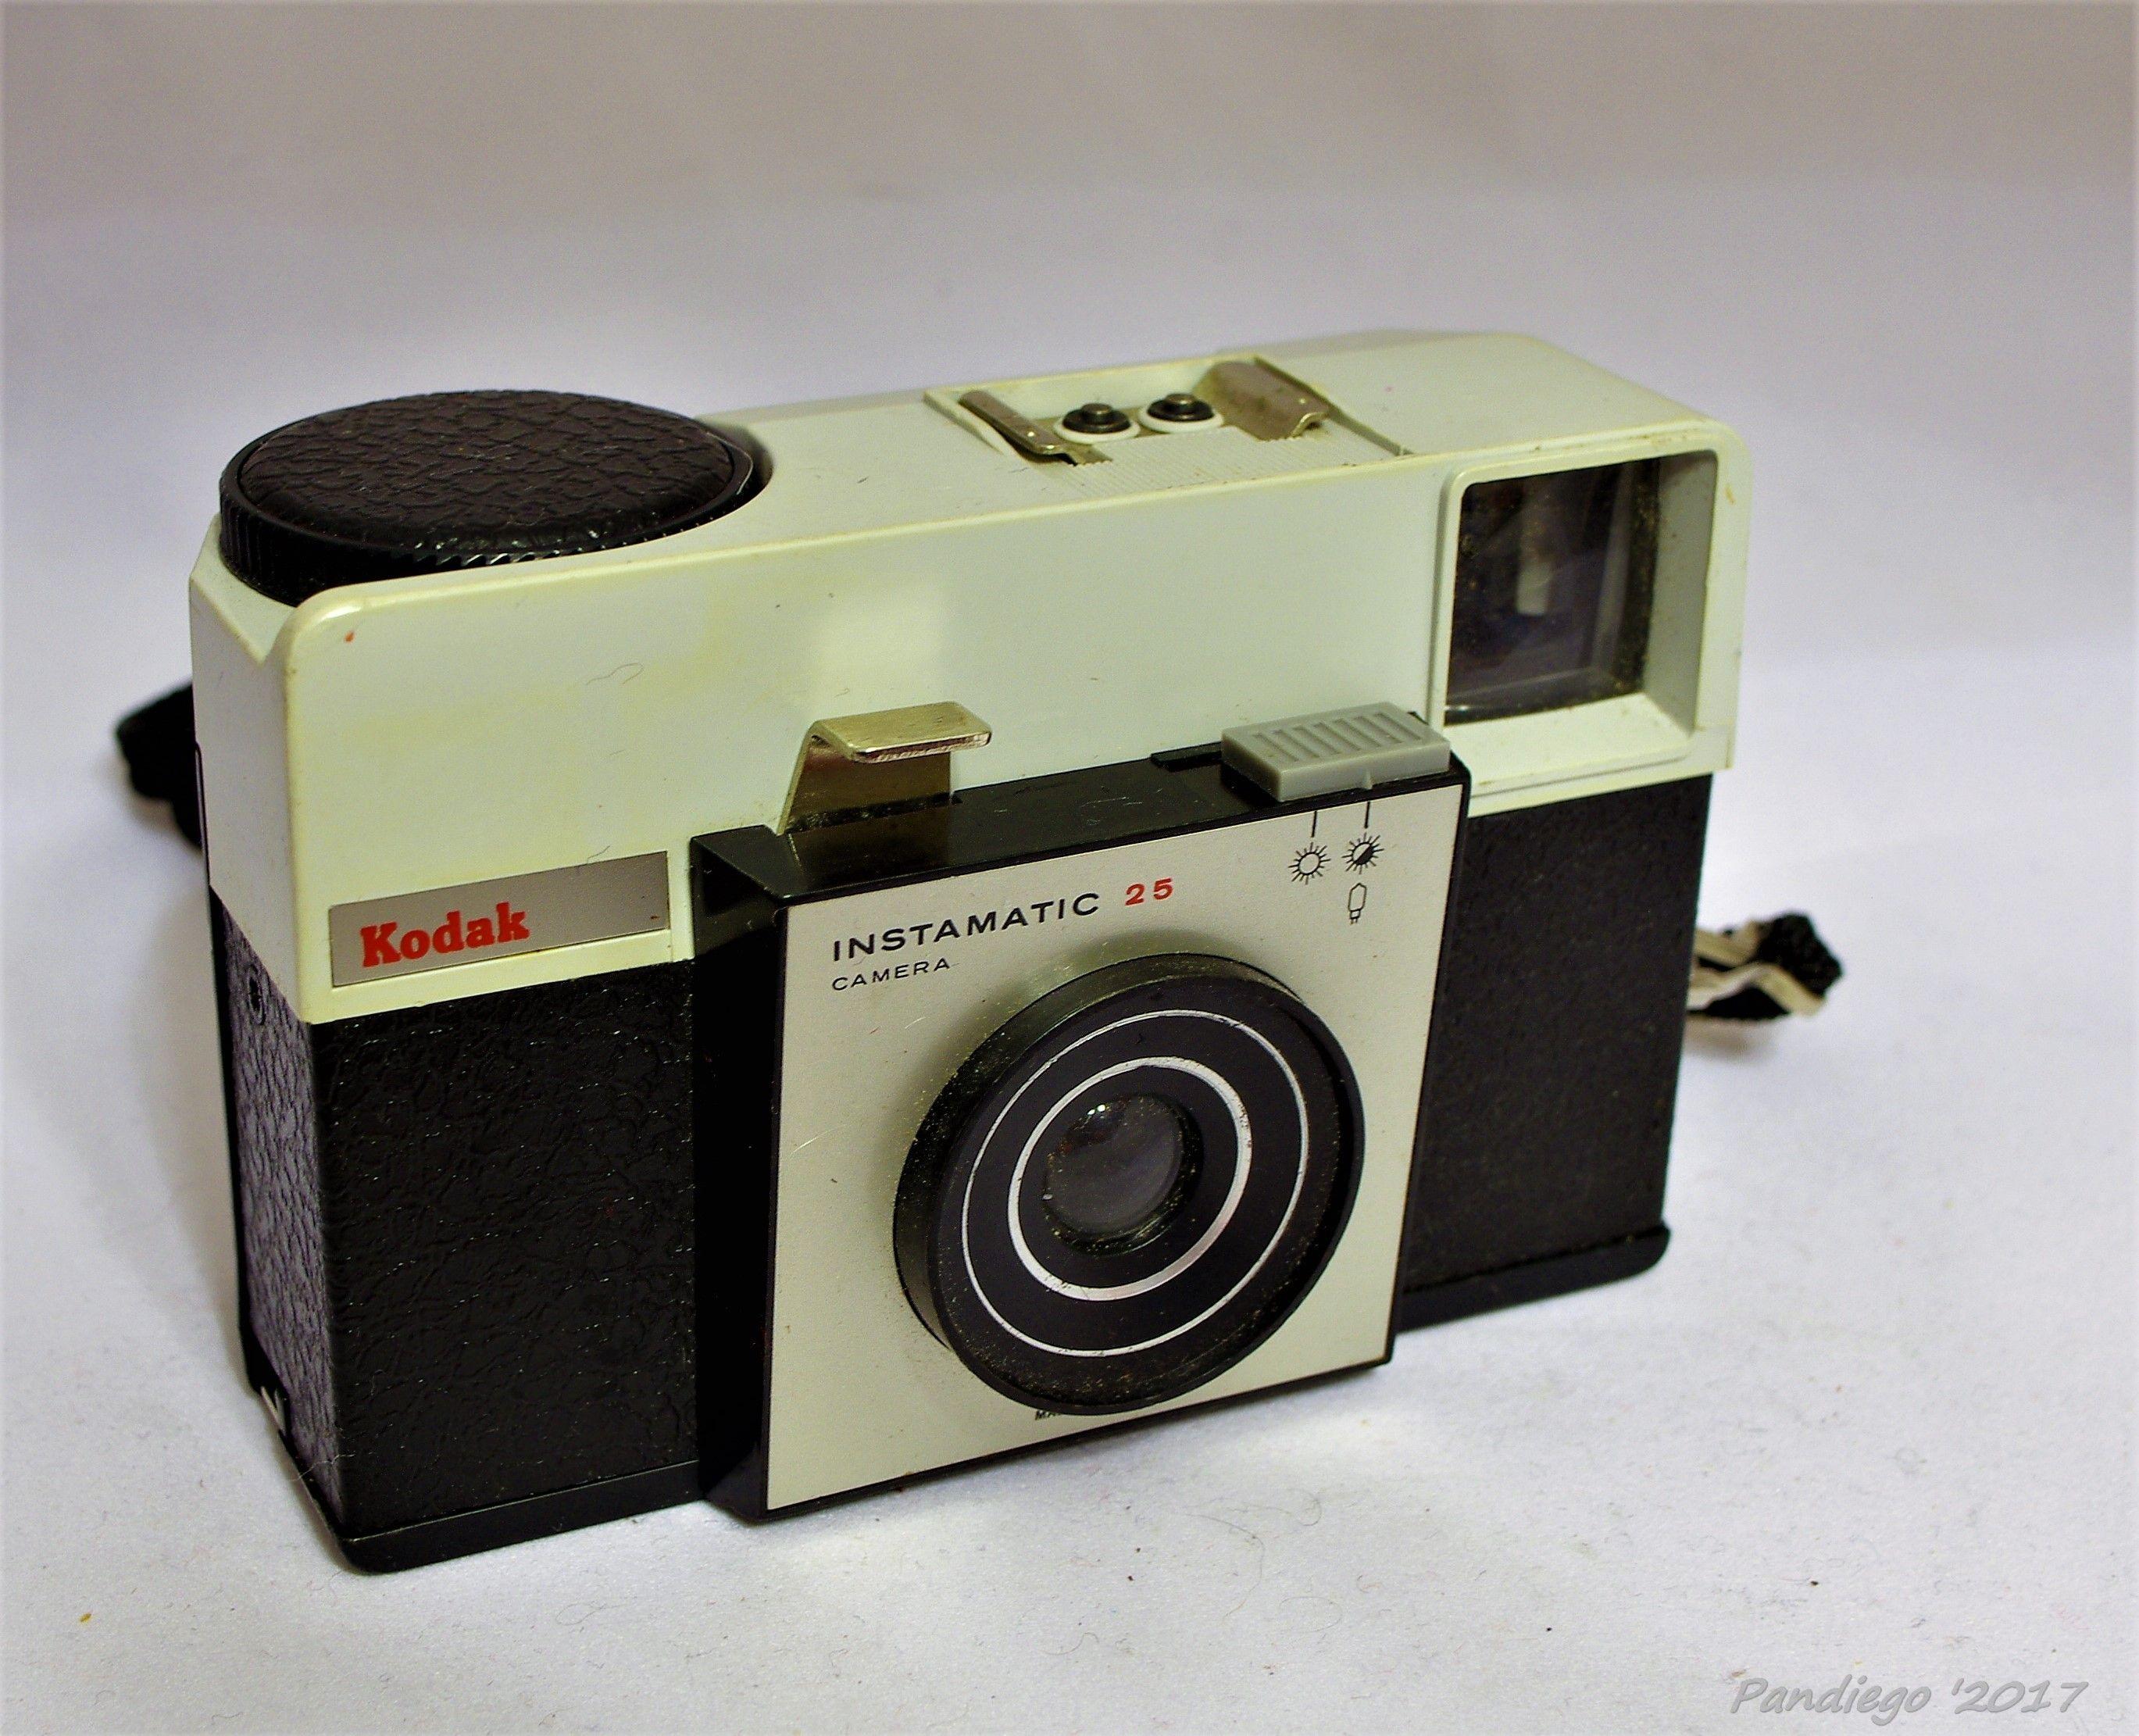 мощности должны архив пленочных фотоаппаратов кодак процессе